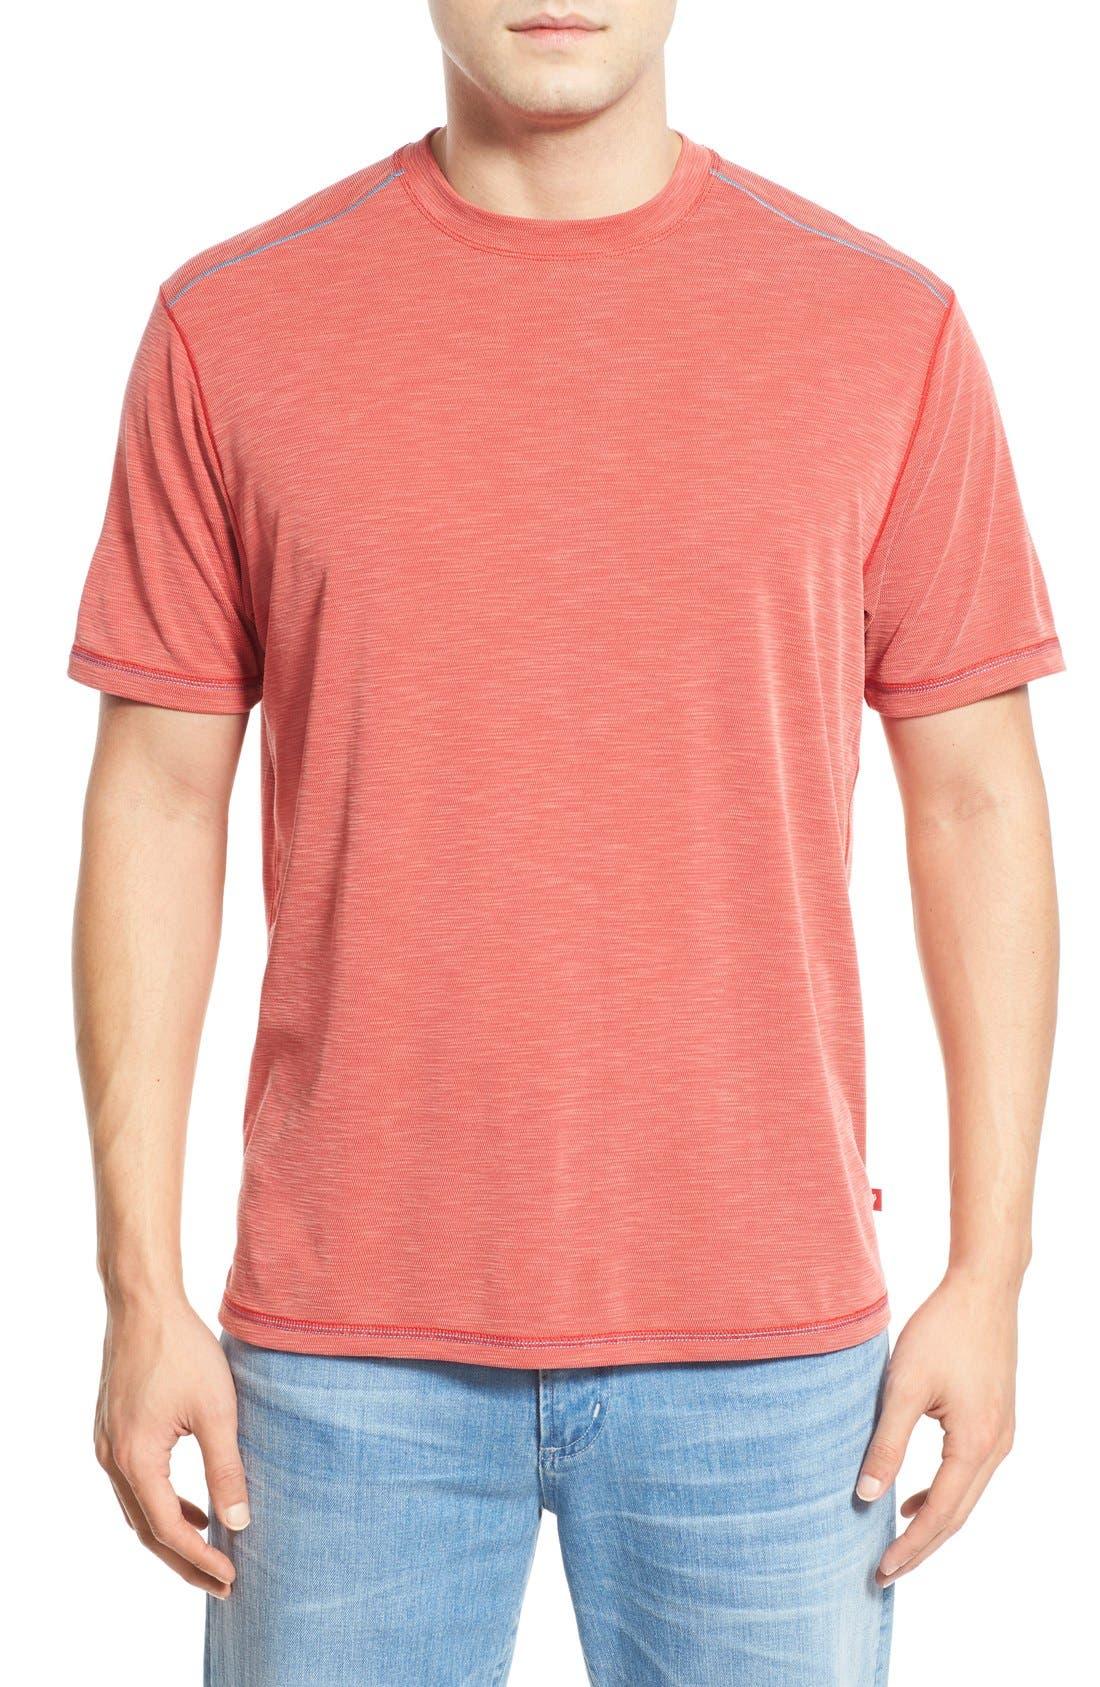 Main Image - Tommy Bahama 'Paradise Around' Crewneck T-Shirt